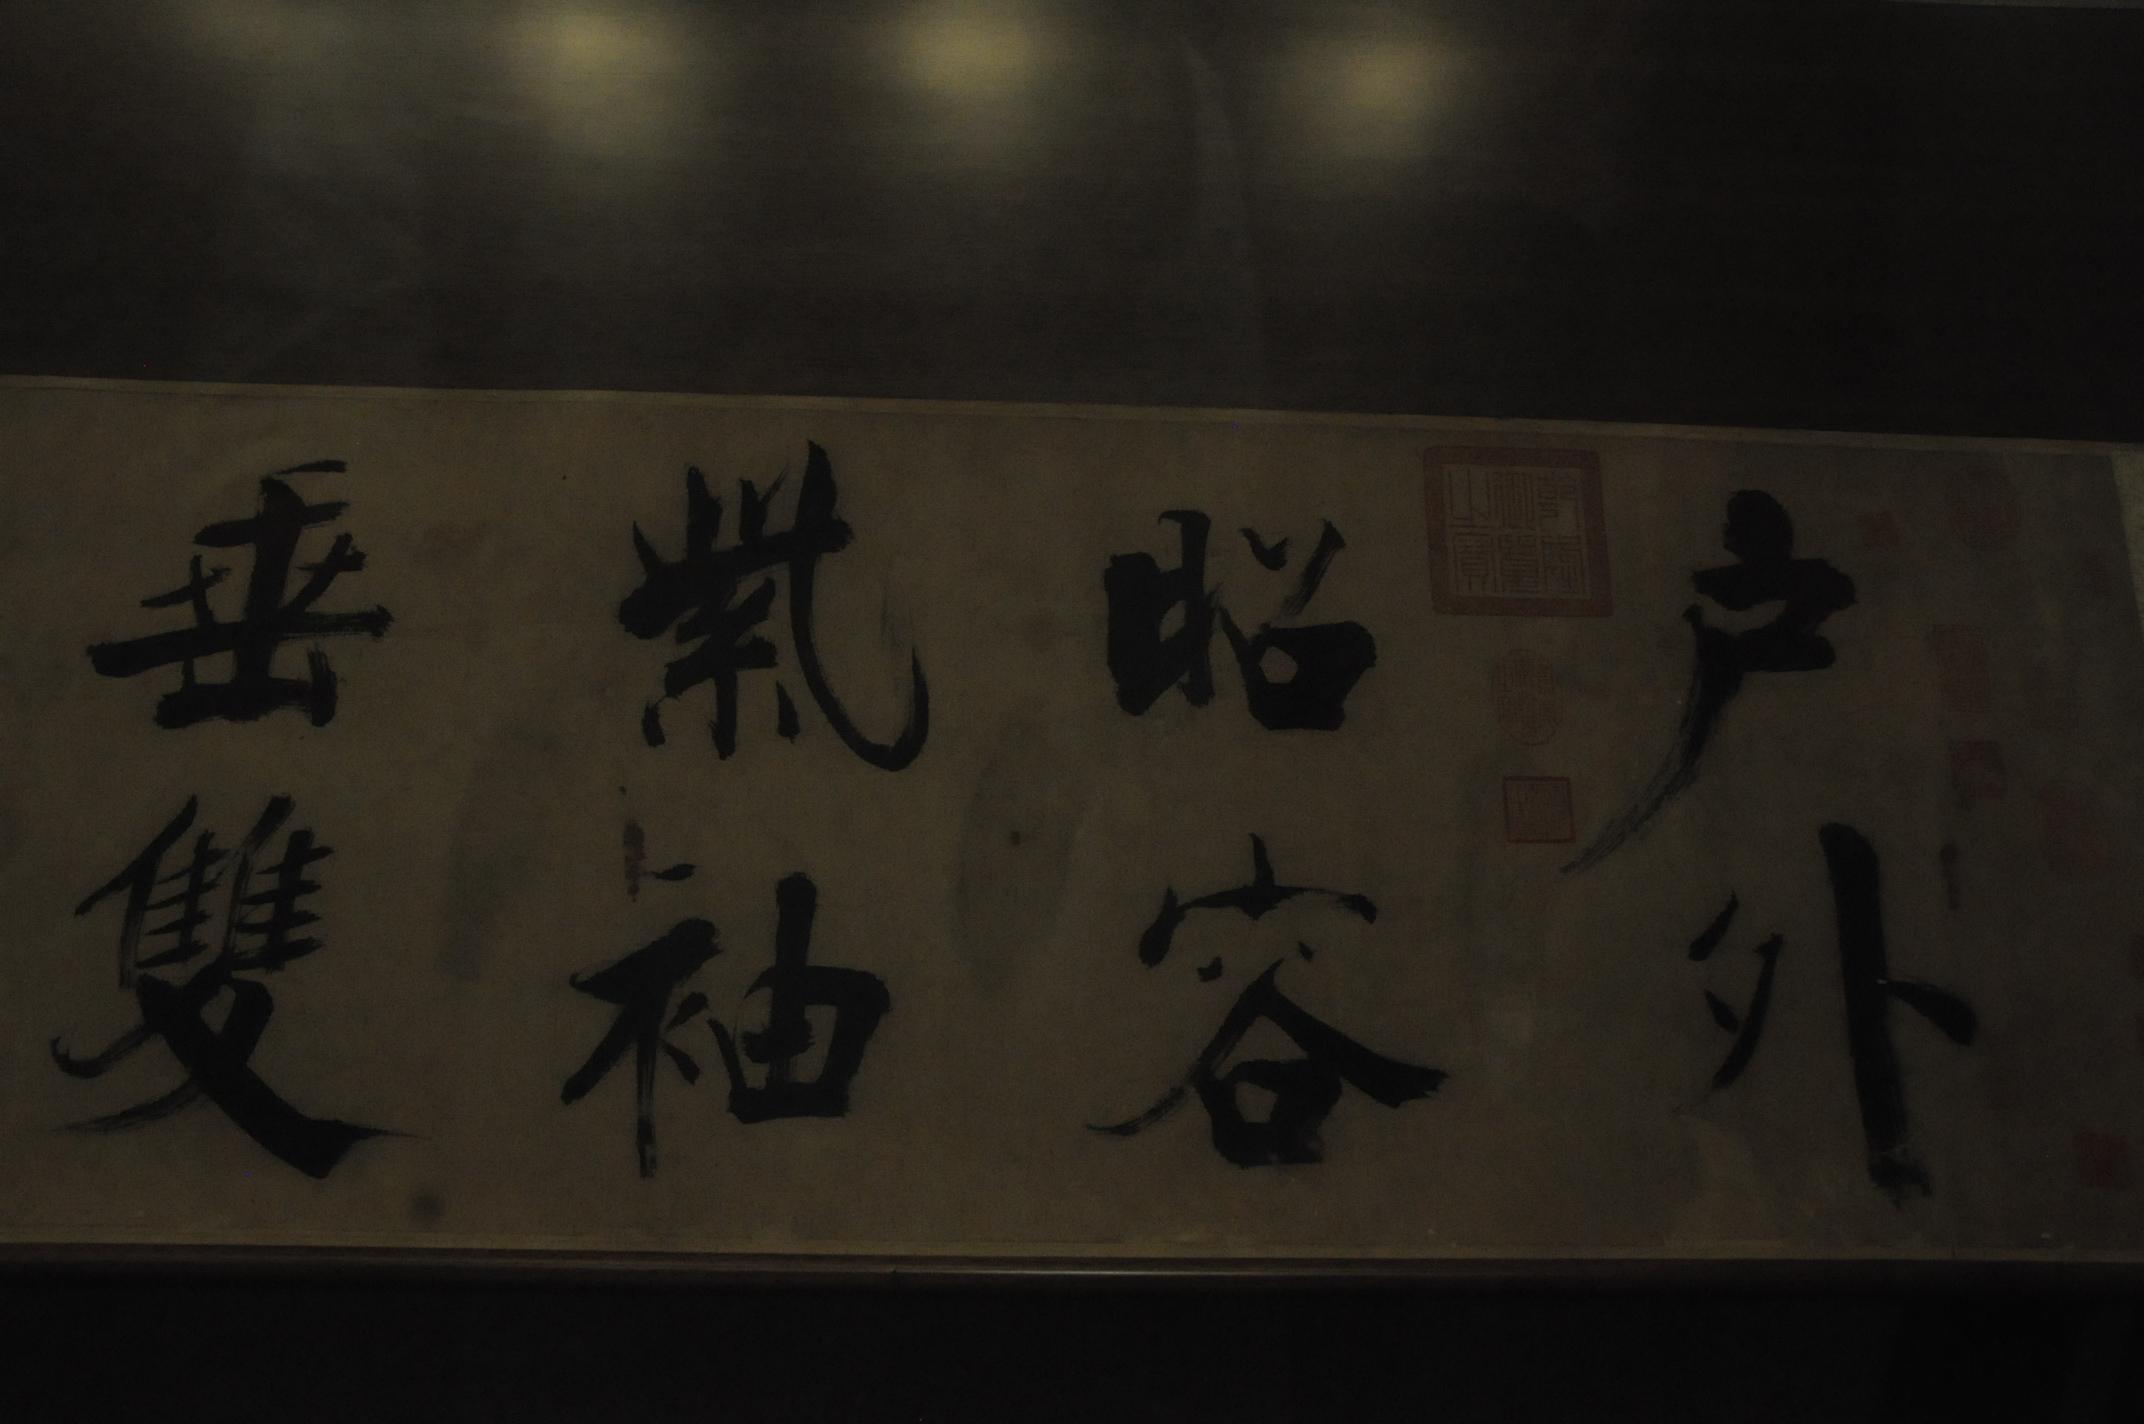 沈阳+哈尔滨+满洲里+海拉尔+长白山+秦皇岛+韶山14